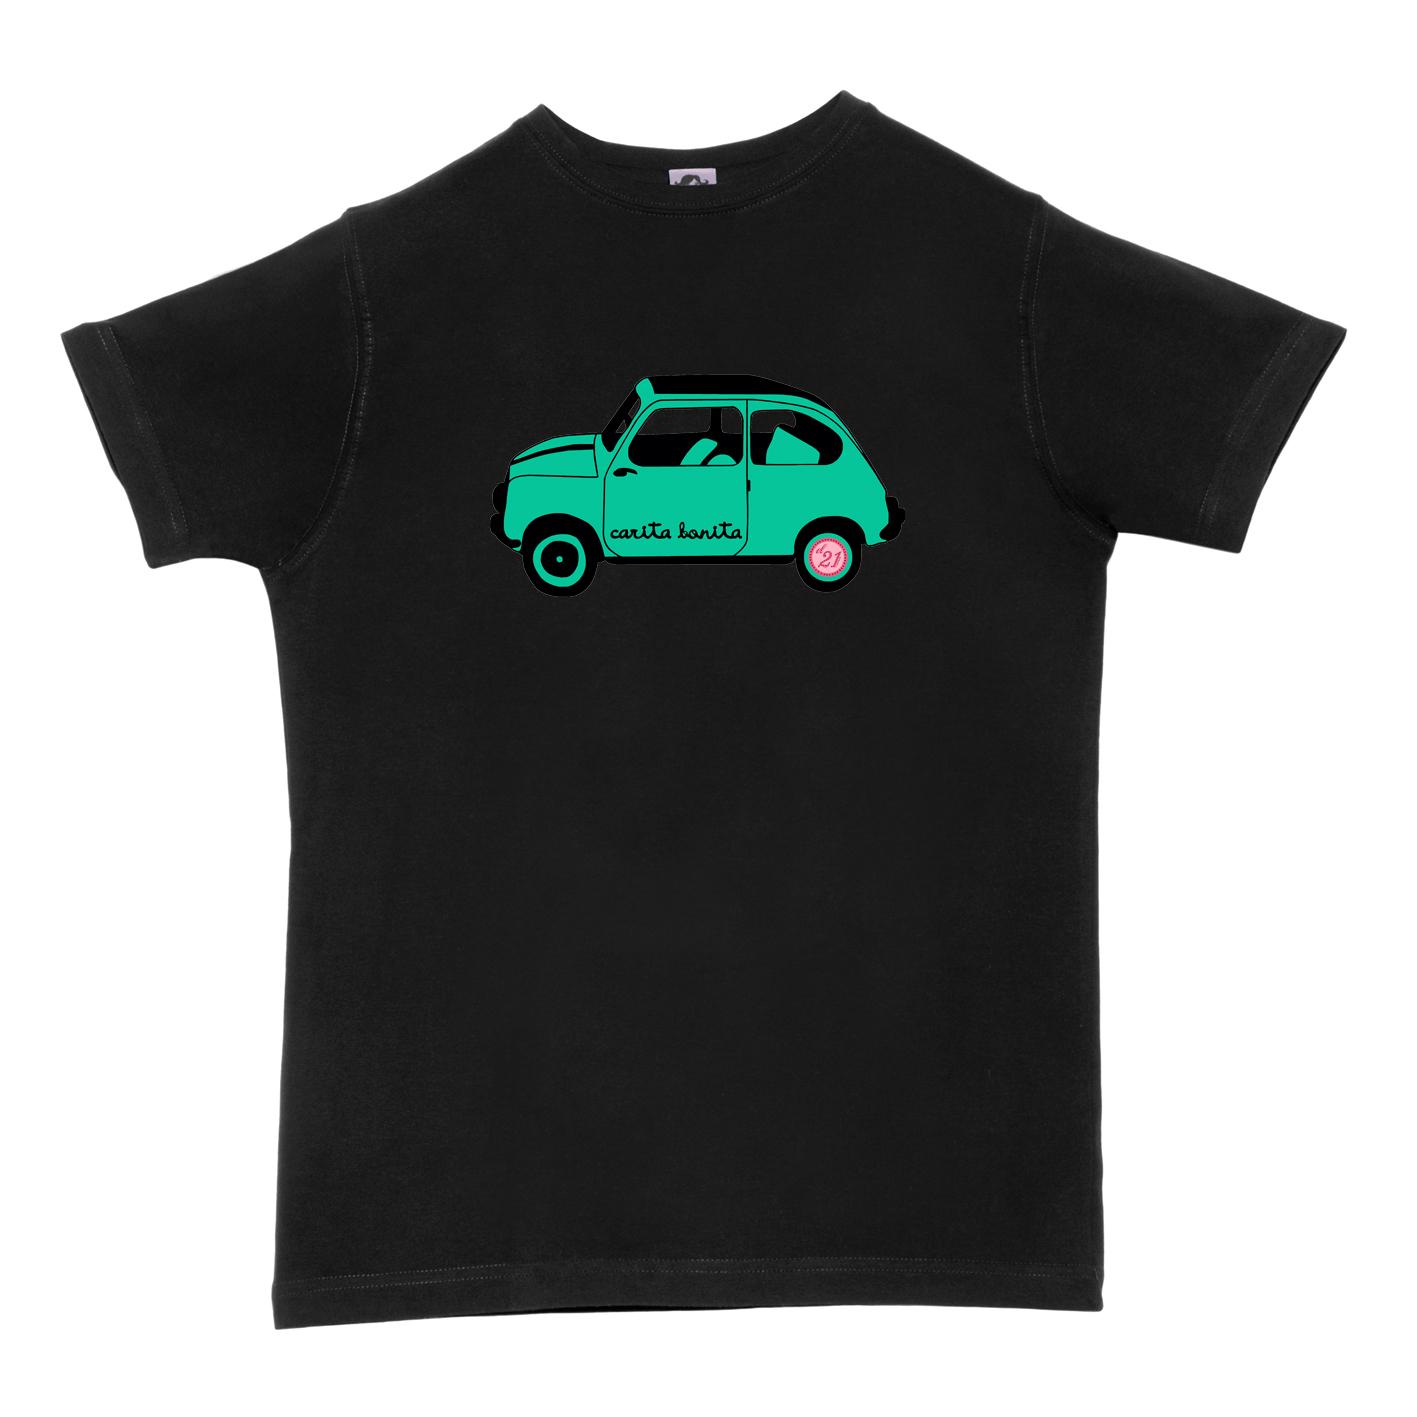 Tienes el enlace directo para comprarla pinchando en camiseta seat 600 y  aviso importante 2a2dddb0527